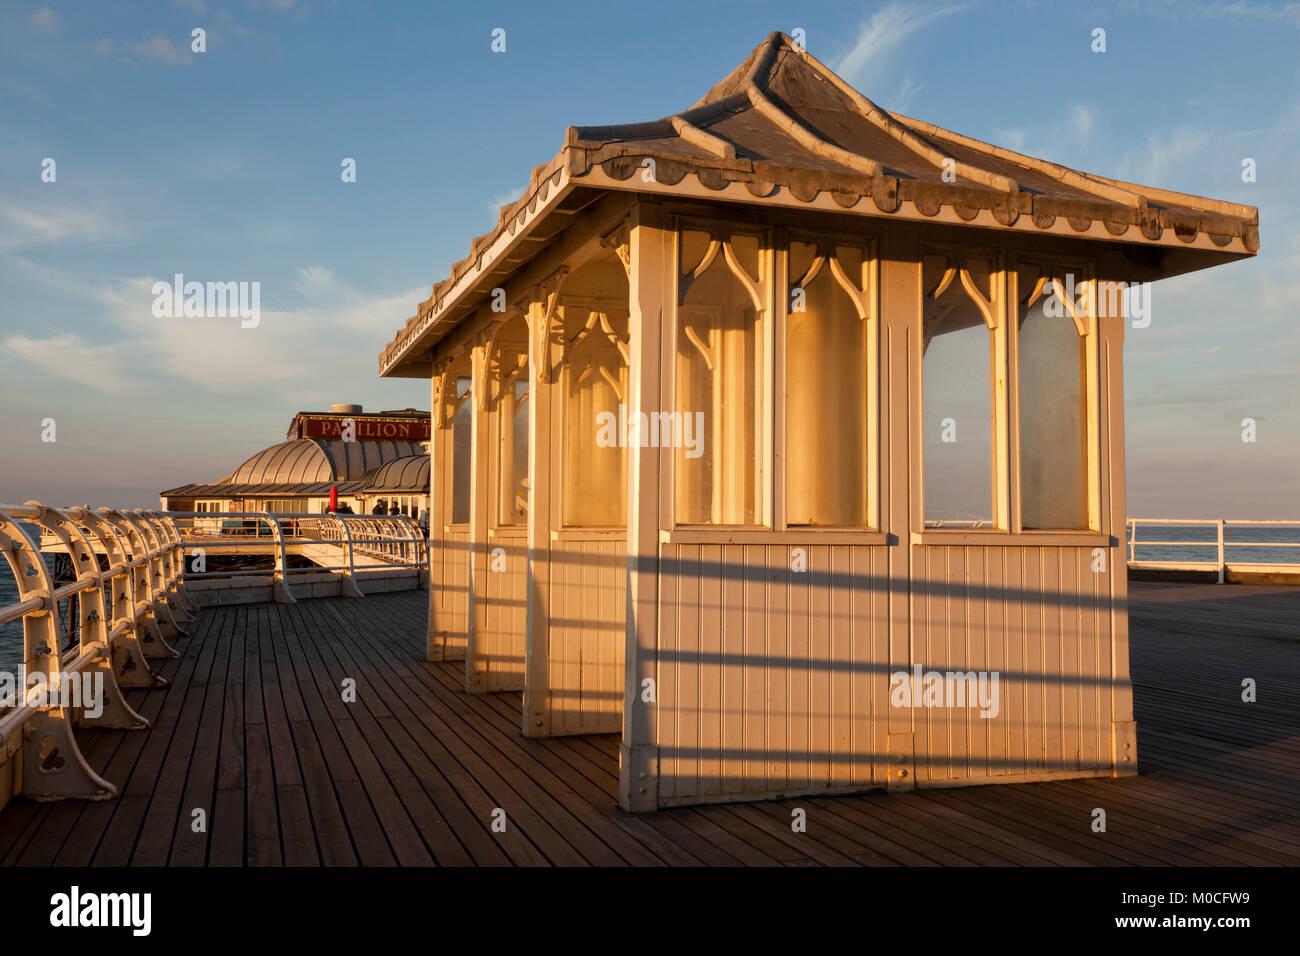 Geschützte Plätze auf Cromer Pier, Norfolk, Großbritannien Stockbild